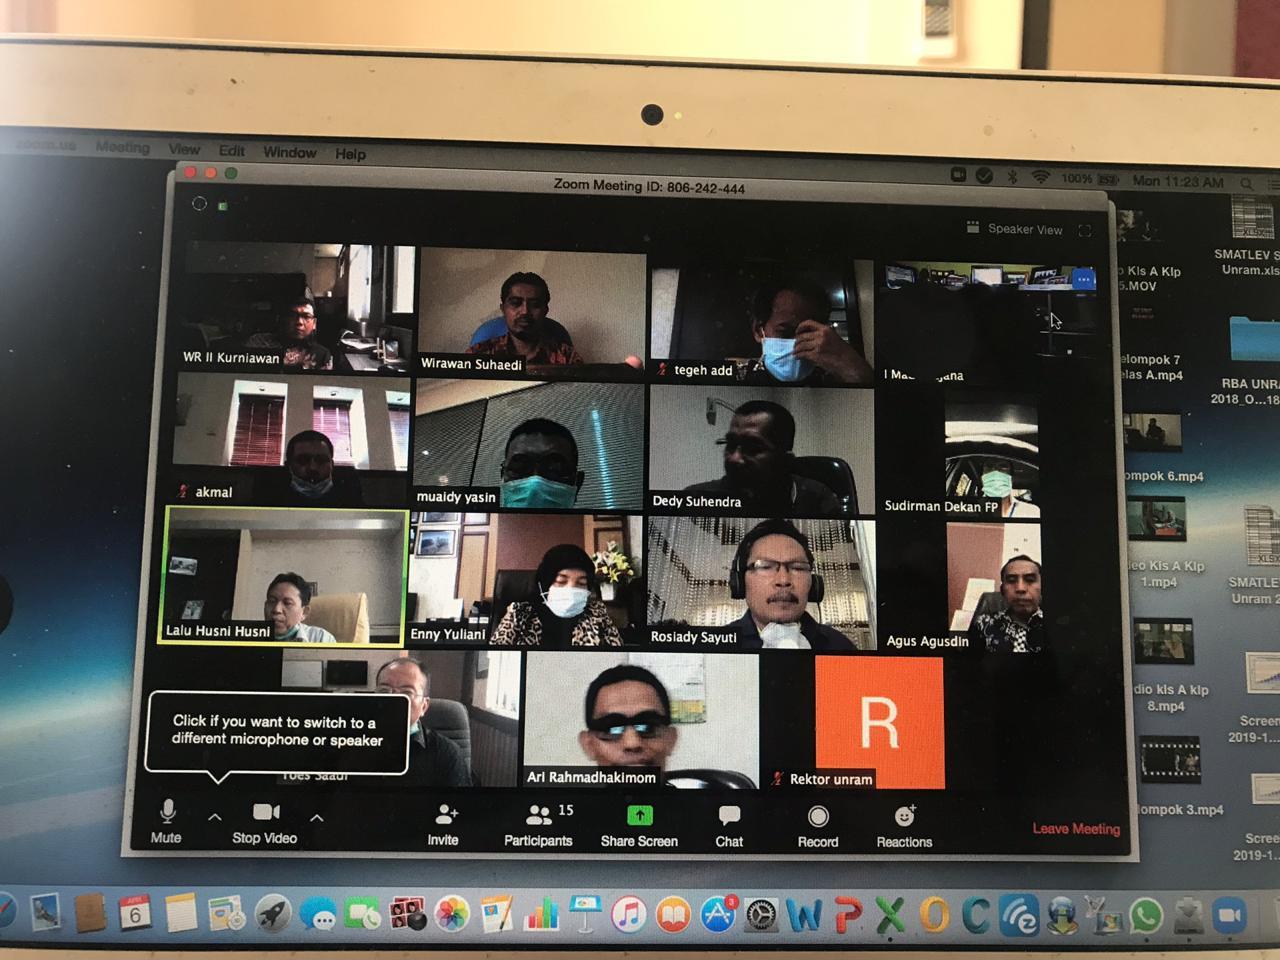 Rapat Kerja UNRAM Secara Daring (Online)